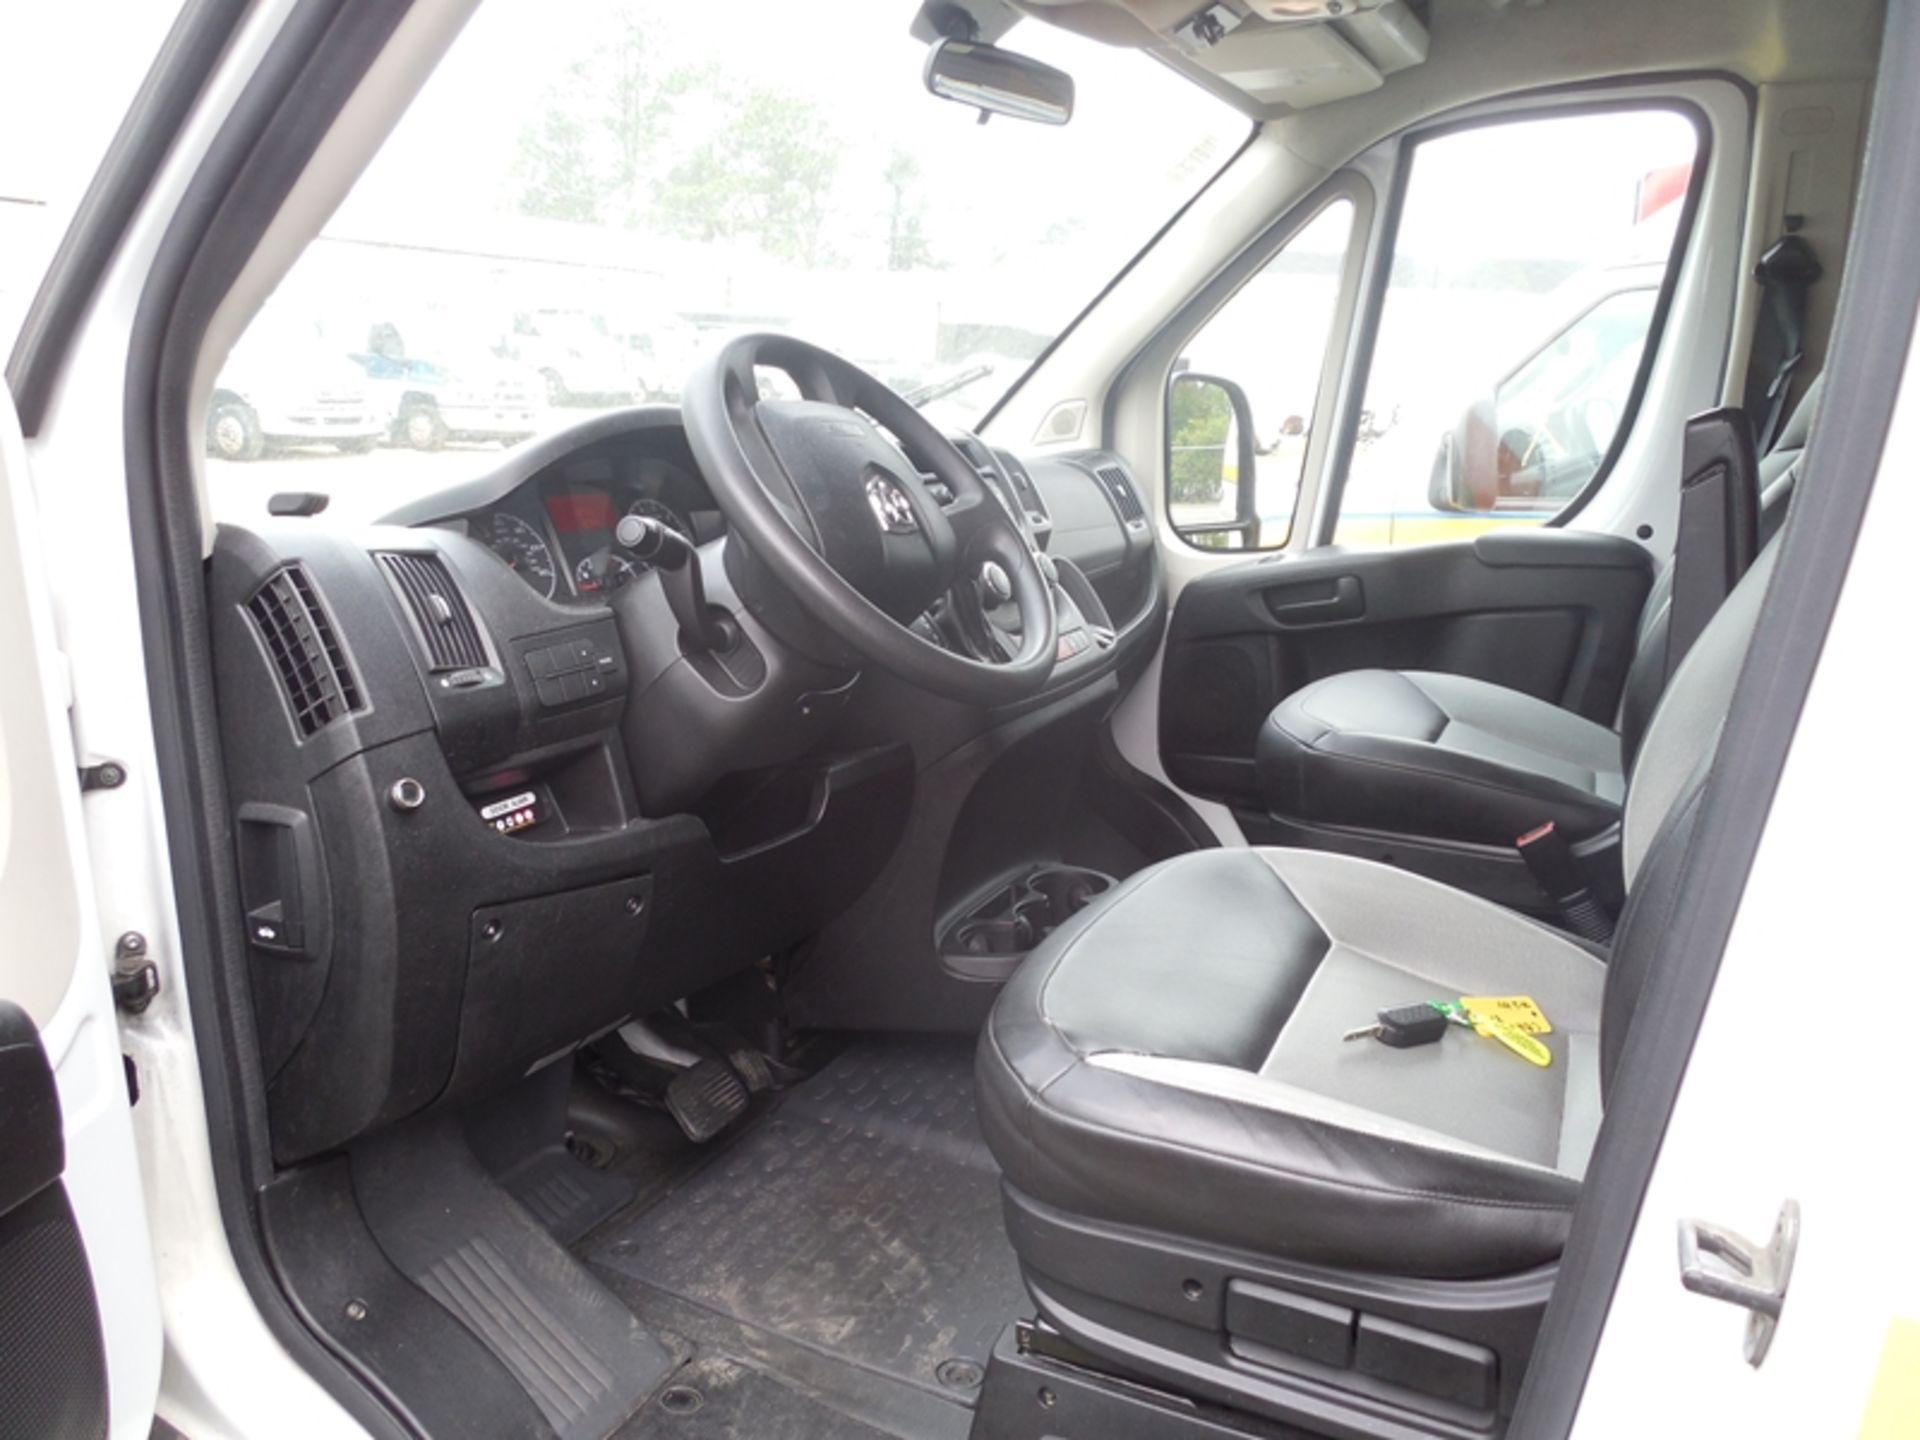 2014 Dodge Promaster wheel chair van - Image 5 of 6